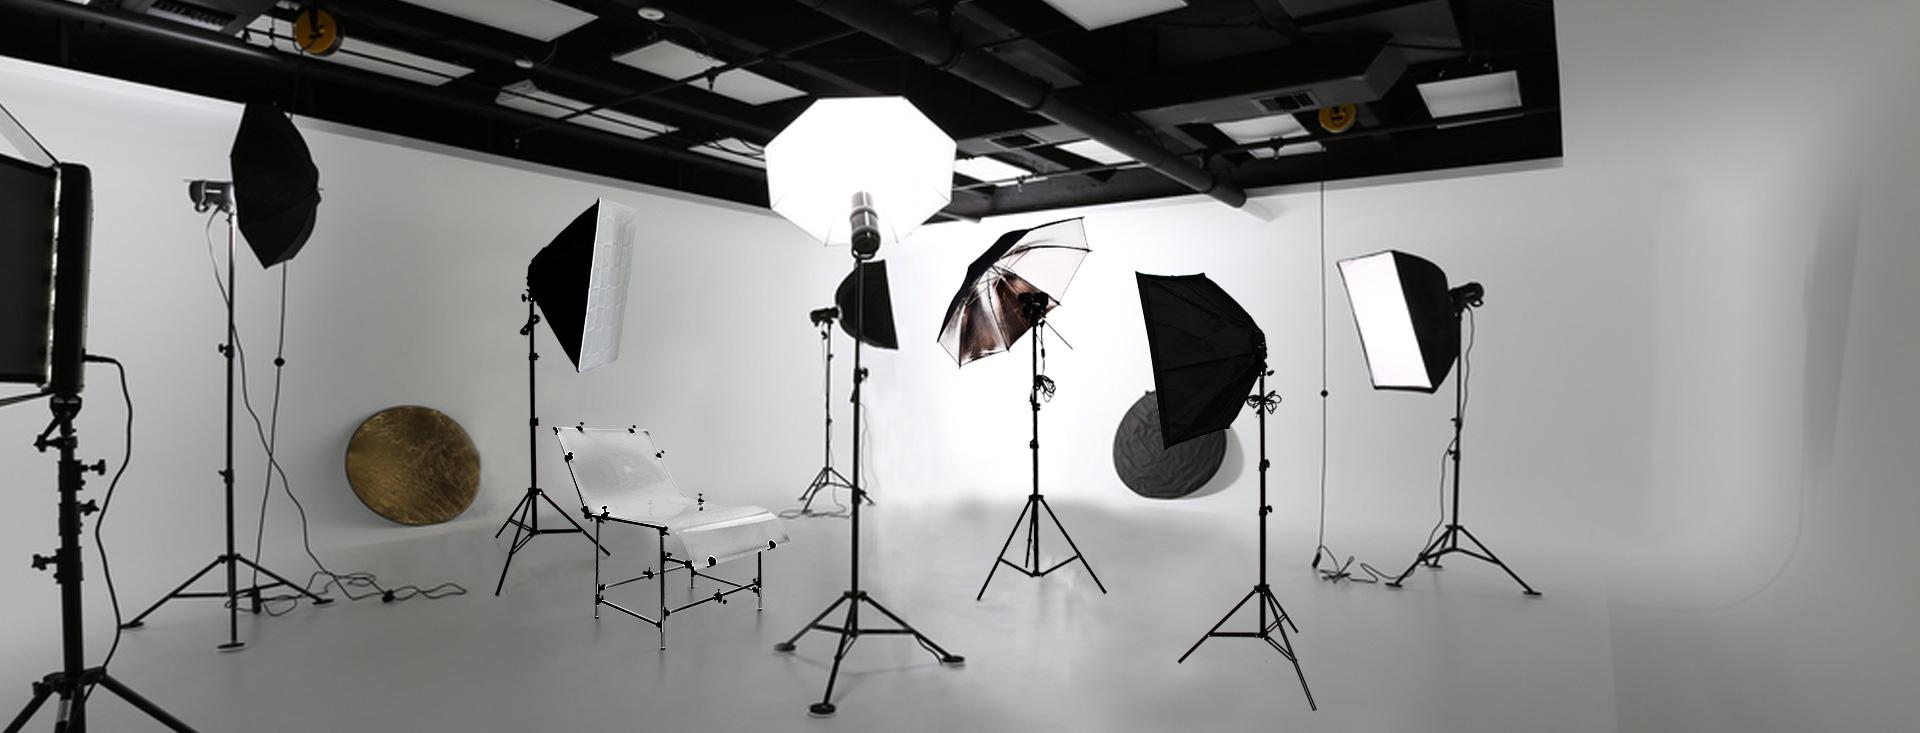 摄影灯架,背景架,柔光箱